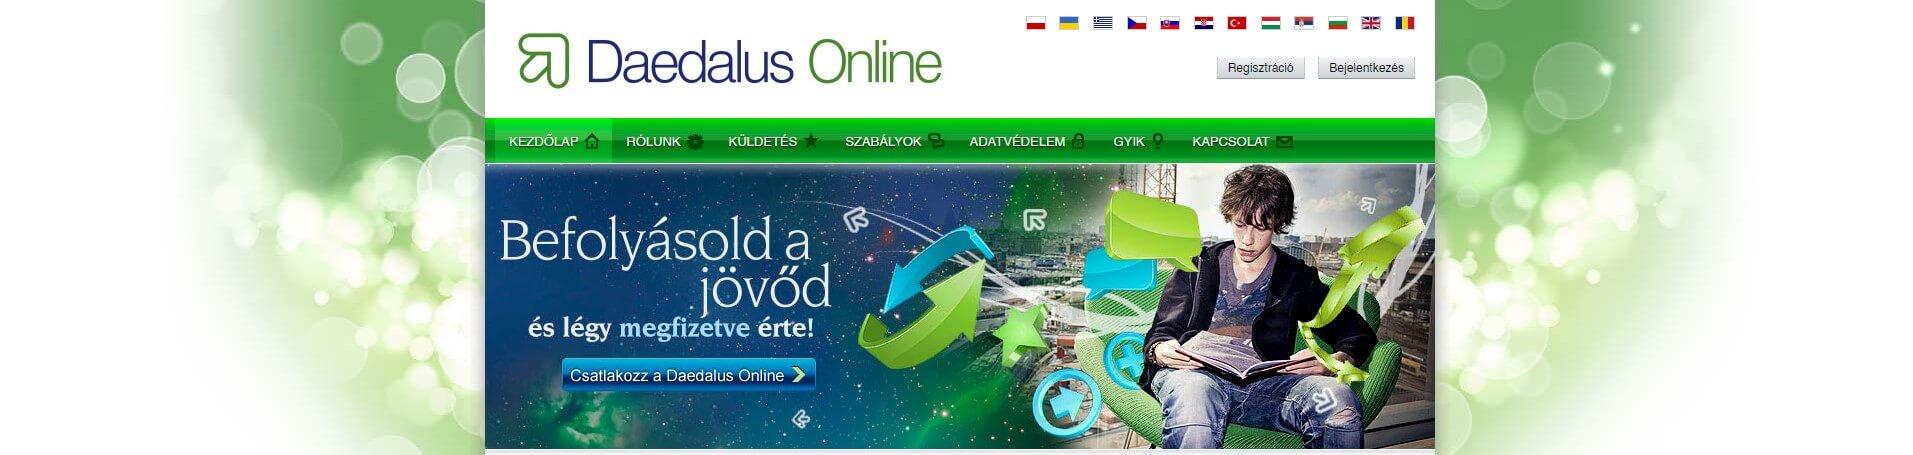 webhelyek gyors pénzért az interneten